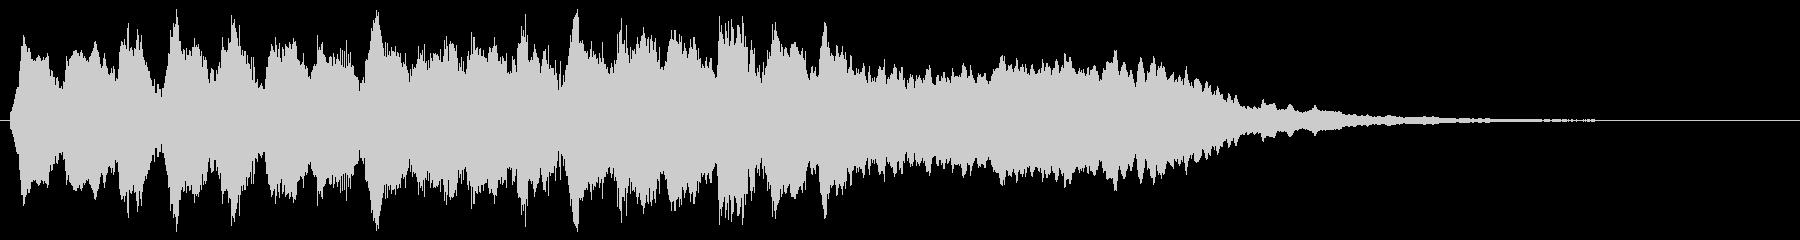 バイオリンのクラシカルなフレーズの転回音の未再生の波形